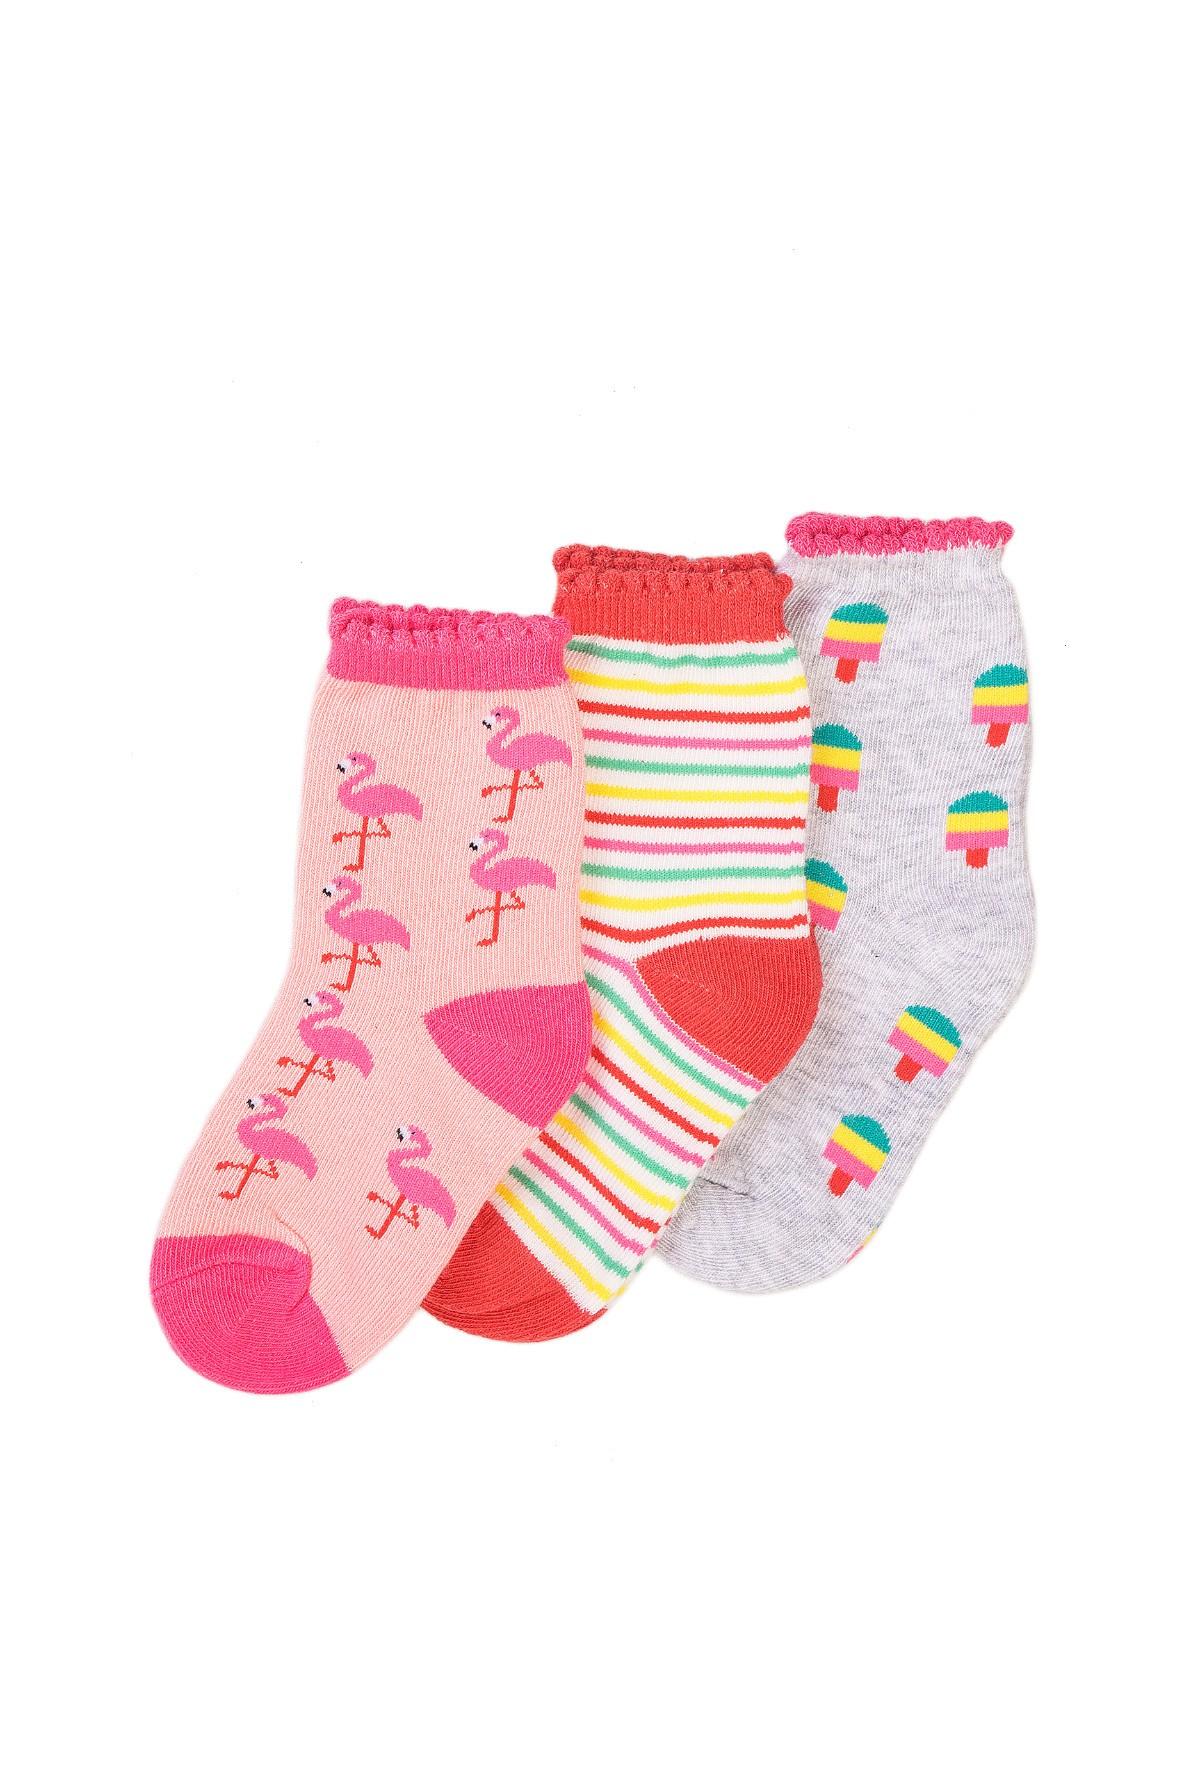 Skarpetki dziewczęce  wielokolorowe Flamingi - 3 pak